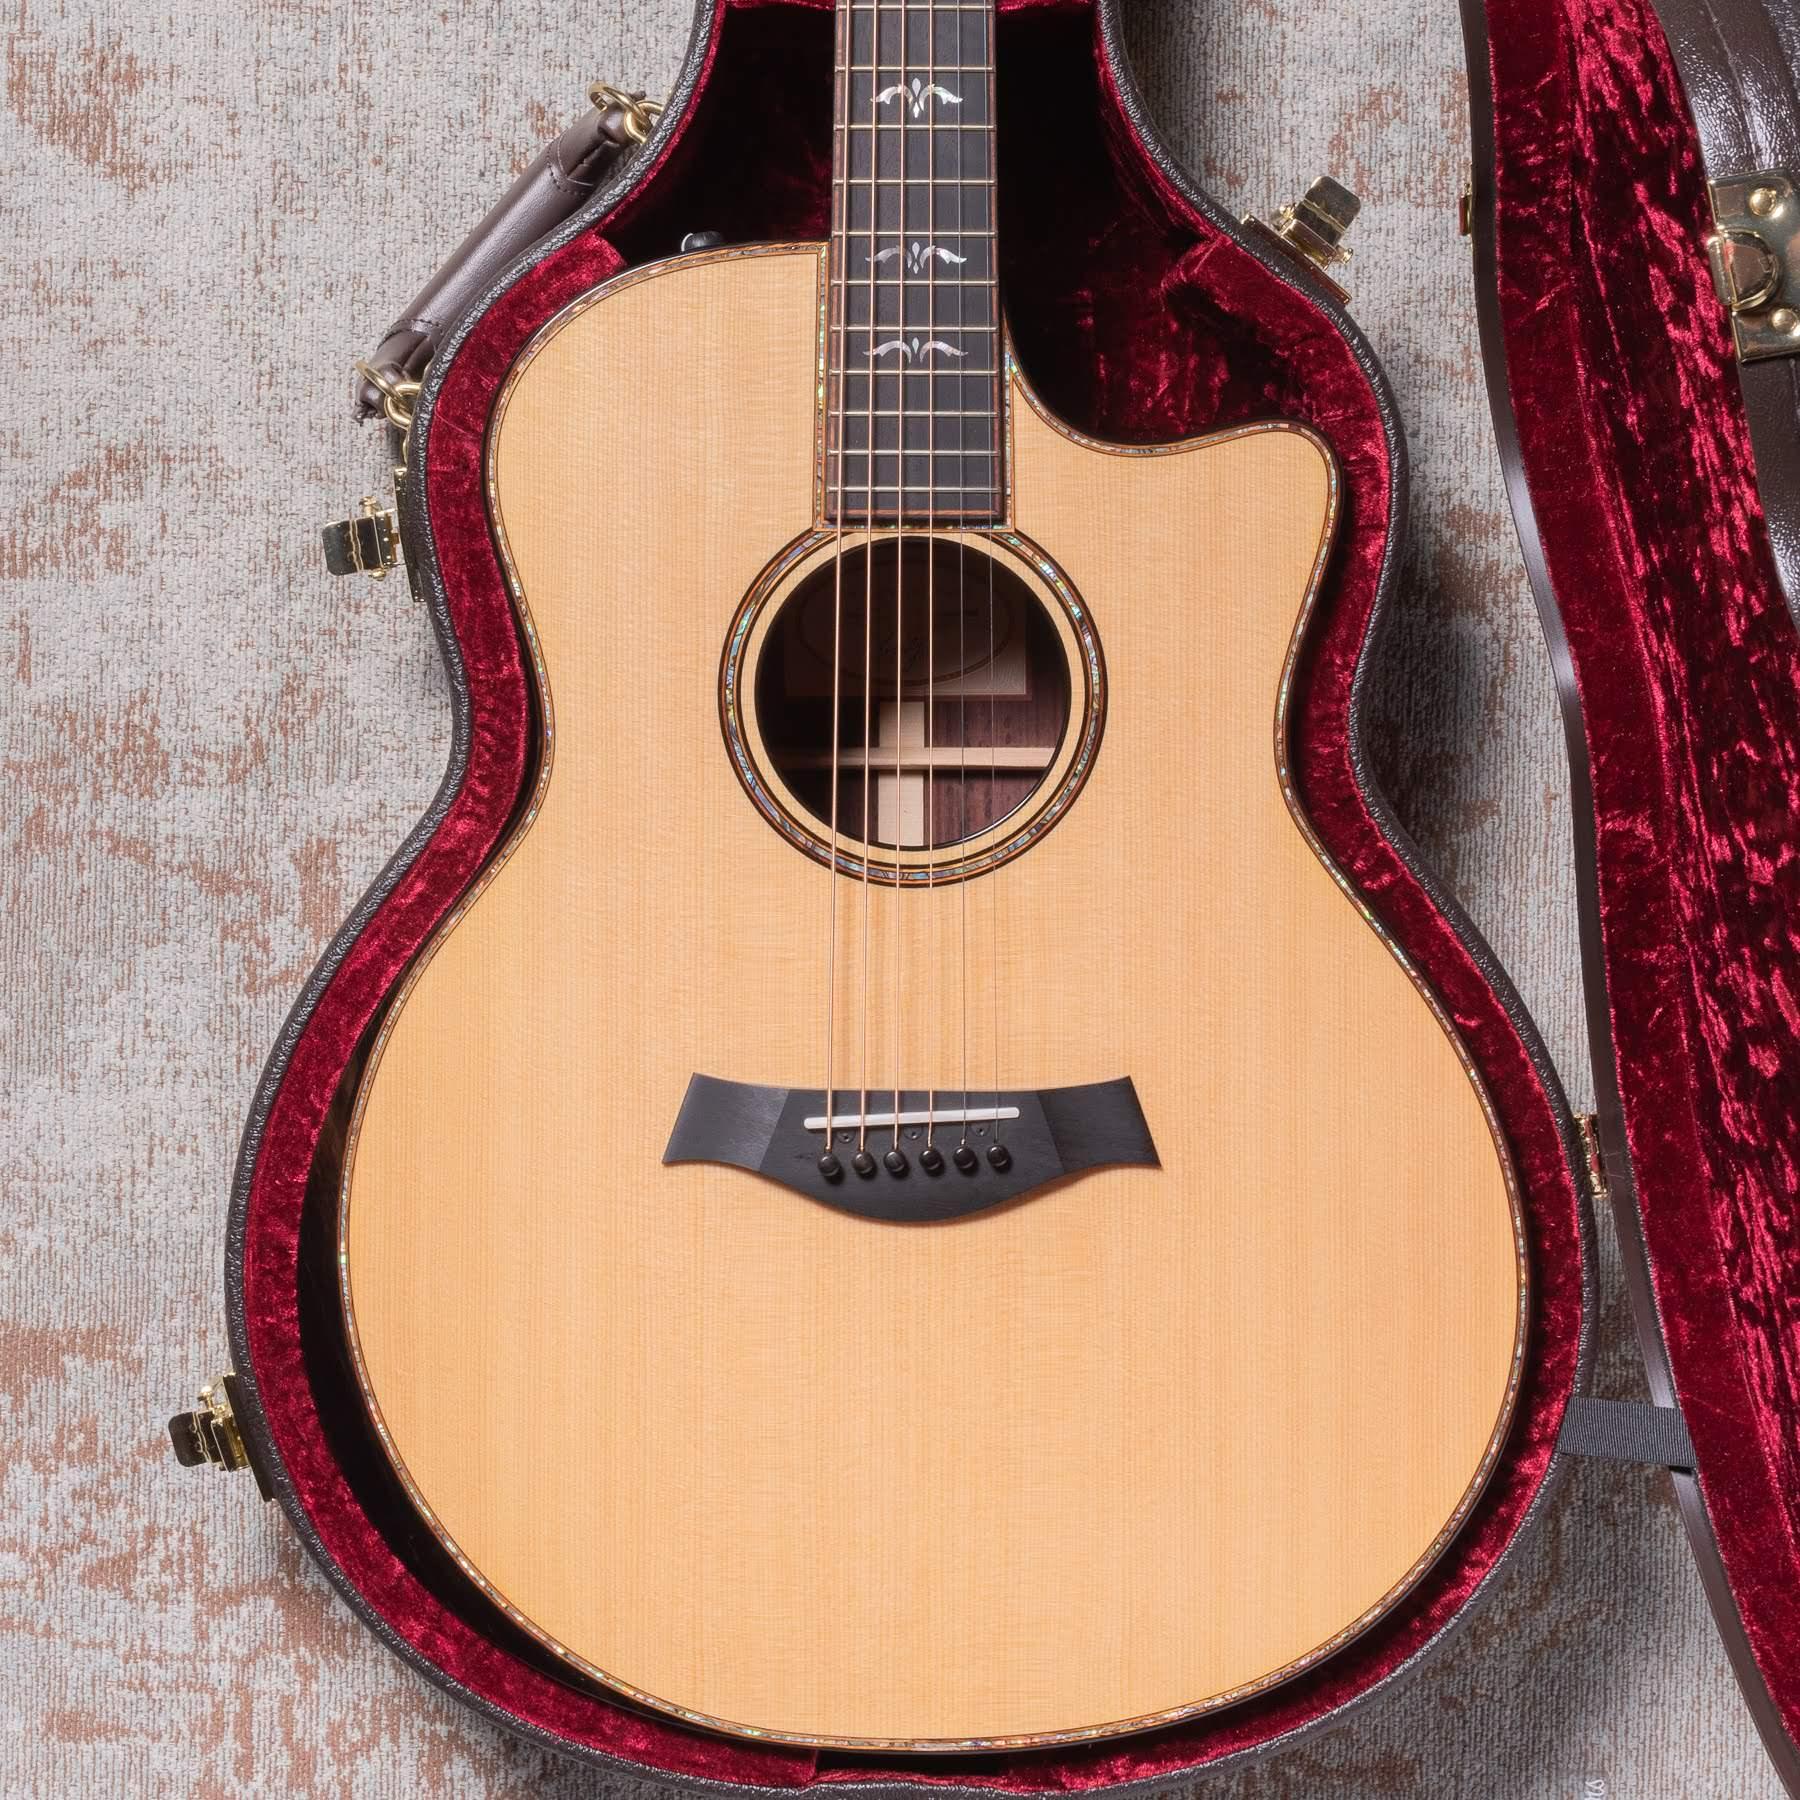 Taylor 916ce Venetian Cutaway B Stock Fanatic Guitars